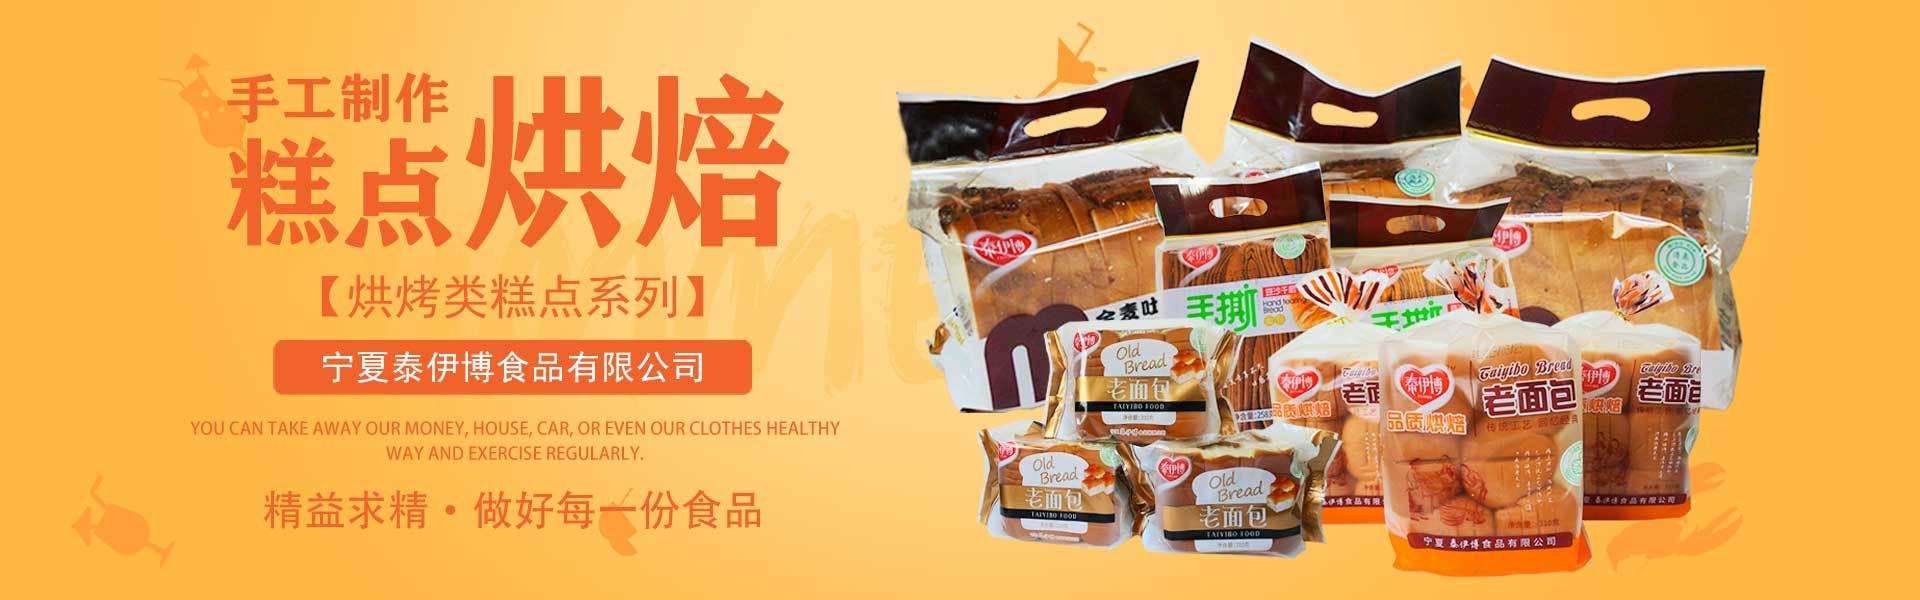 寧夏面包|寧夏泰伊博食品有限公司